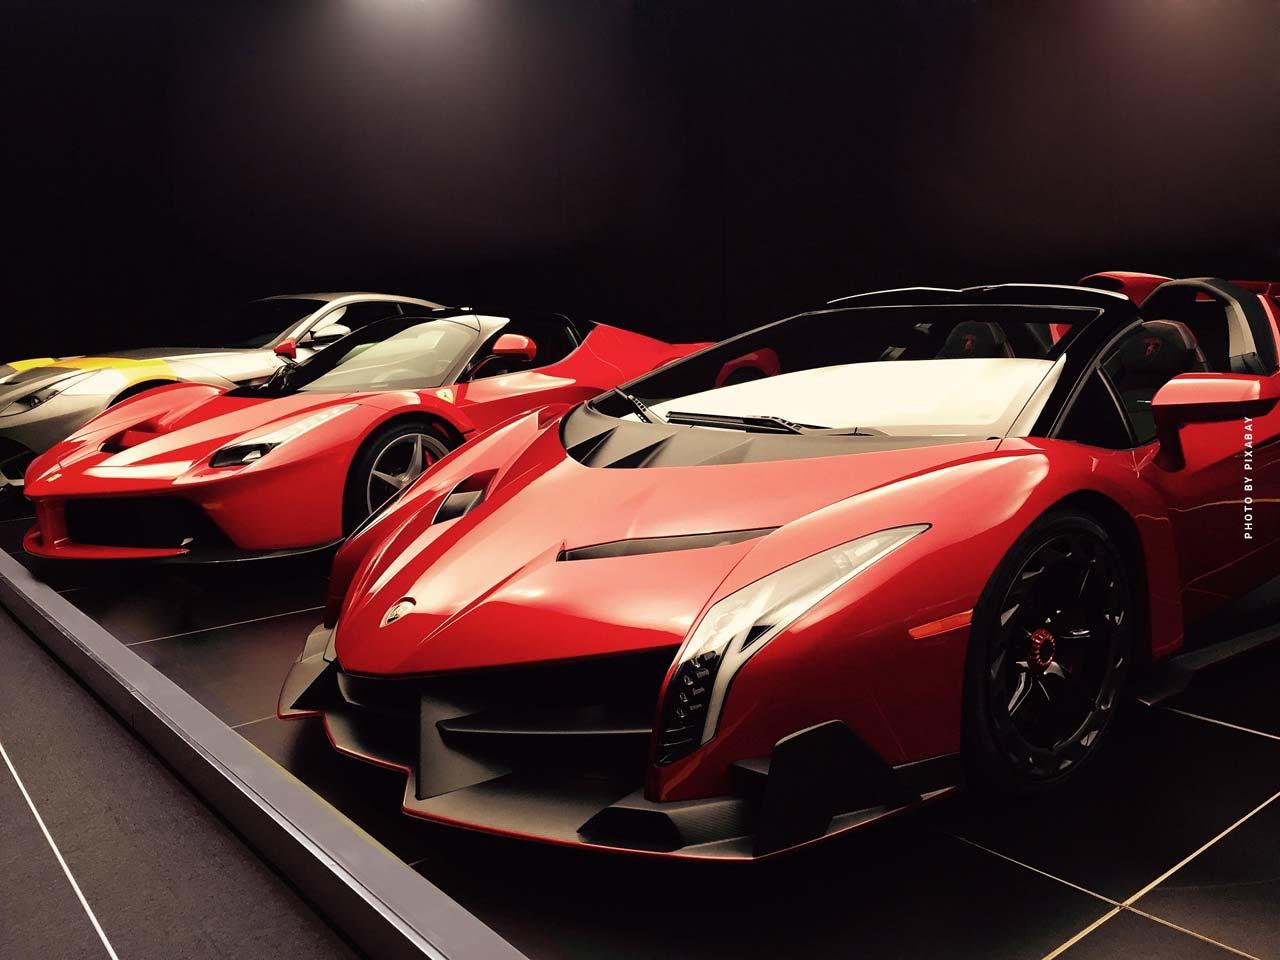 Acheter une Ferrari comme investissement en capital: Les modèles de Ferrari les plus chers